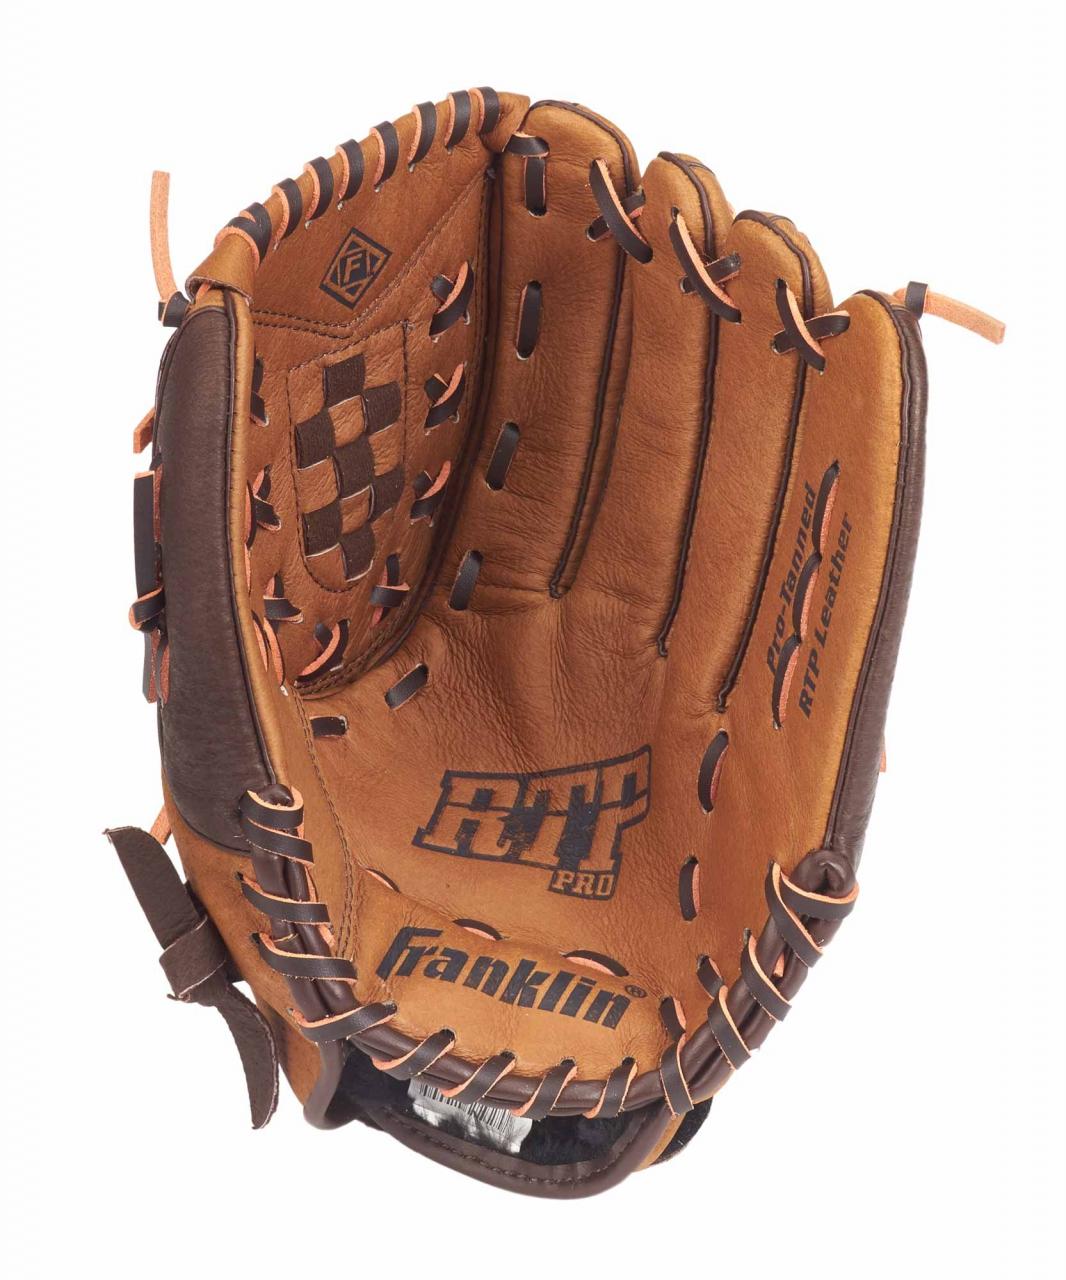 Franklin Fielding GLOVE RTP Pro, cuoio, guanto di pesca, baseball, Fielding, Fielding, baseball, 49ed43